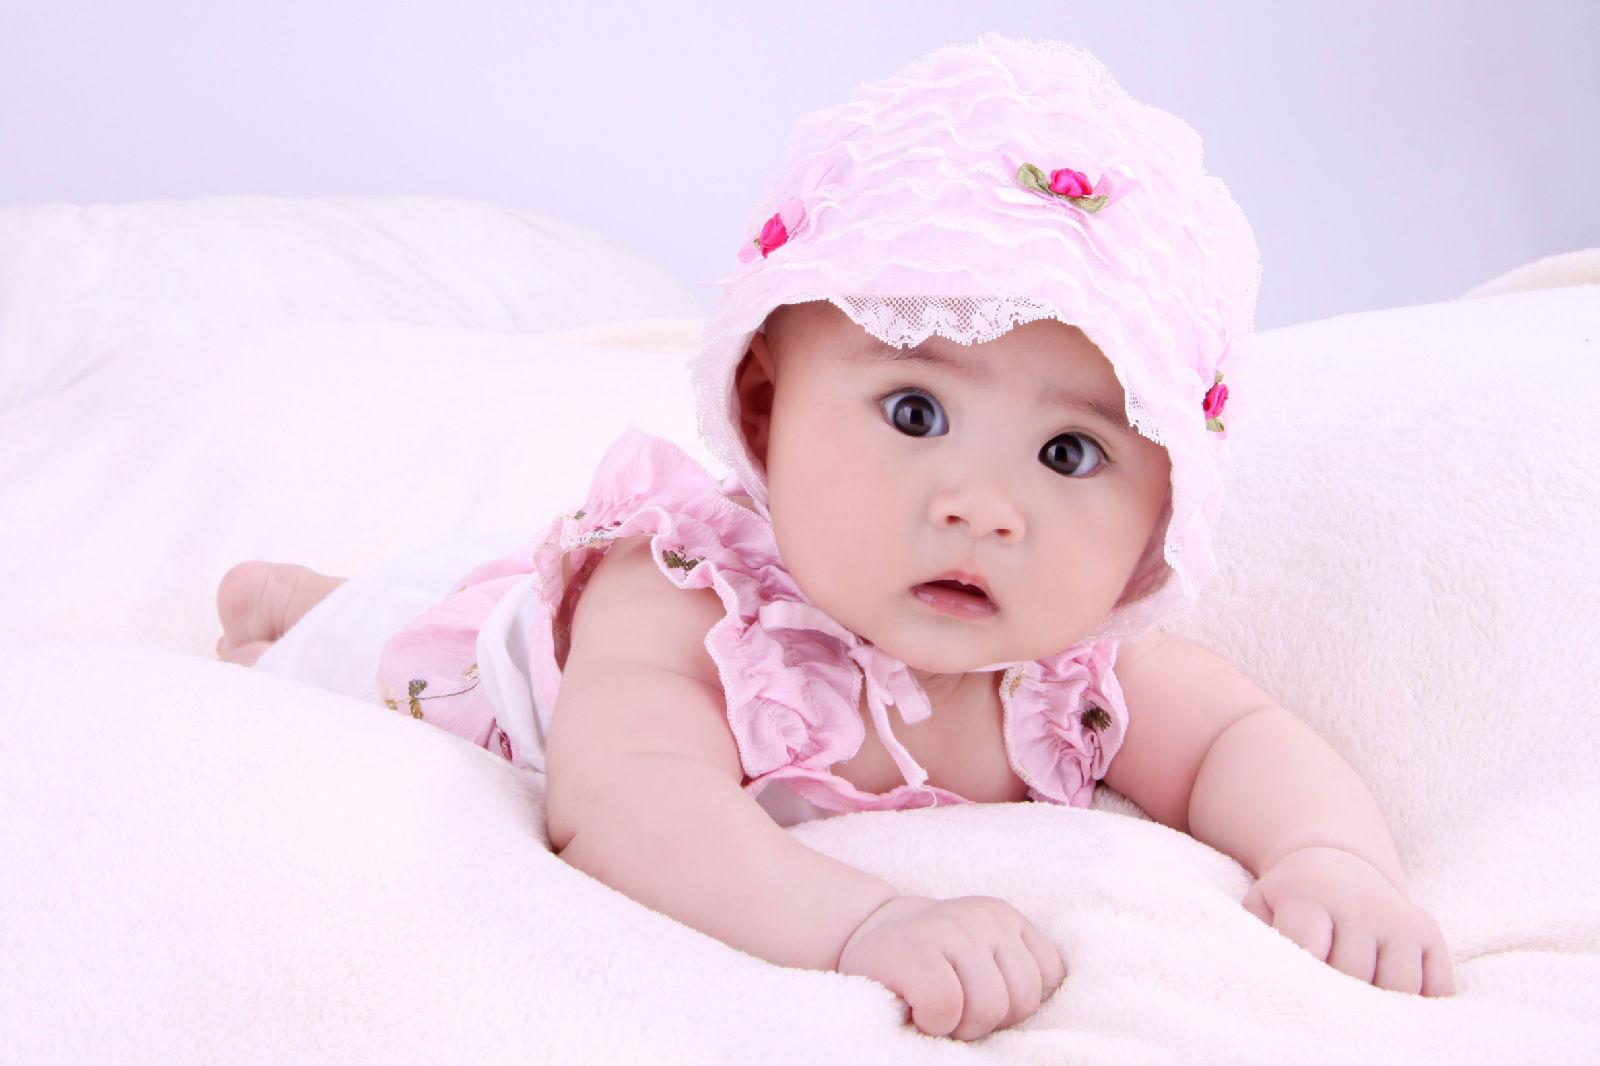 漂亮宝宝眼睛好大 可爱吧